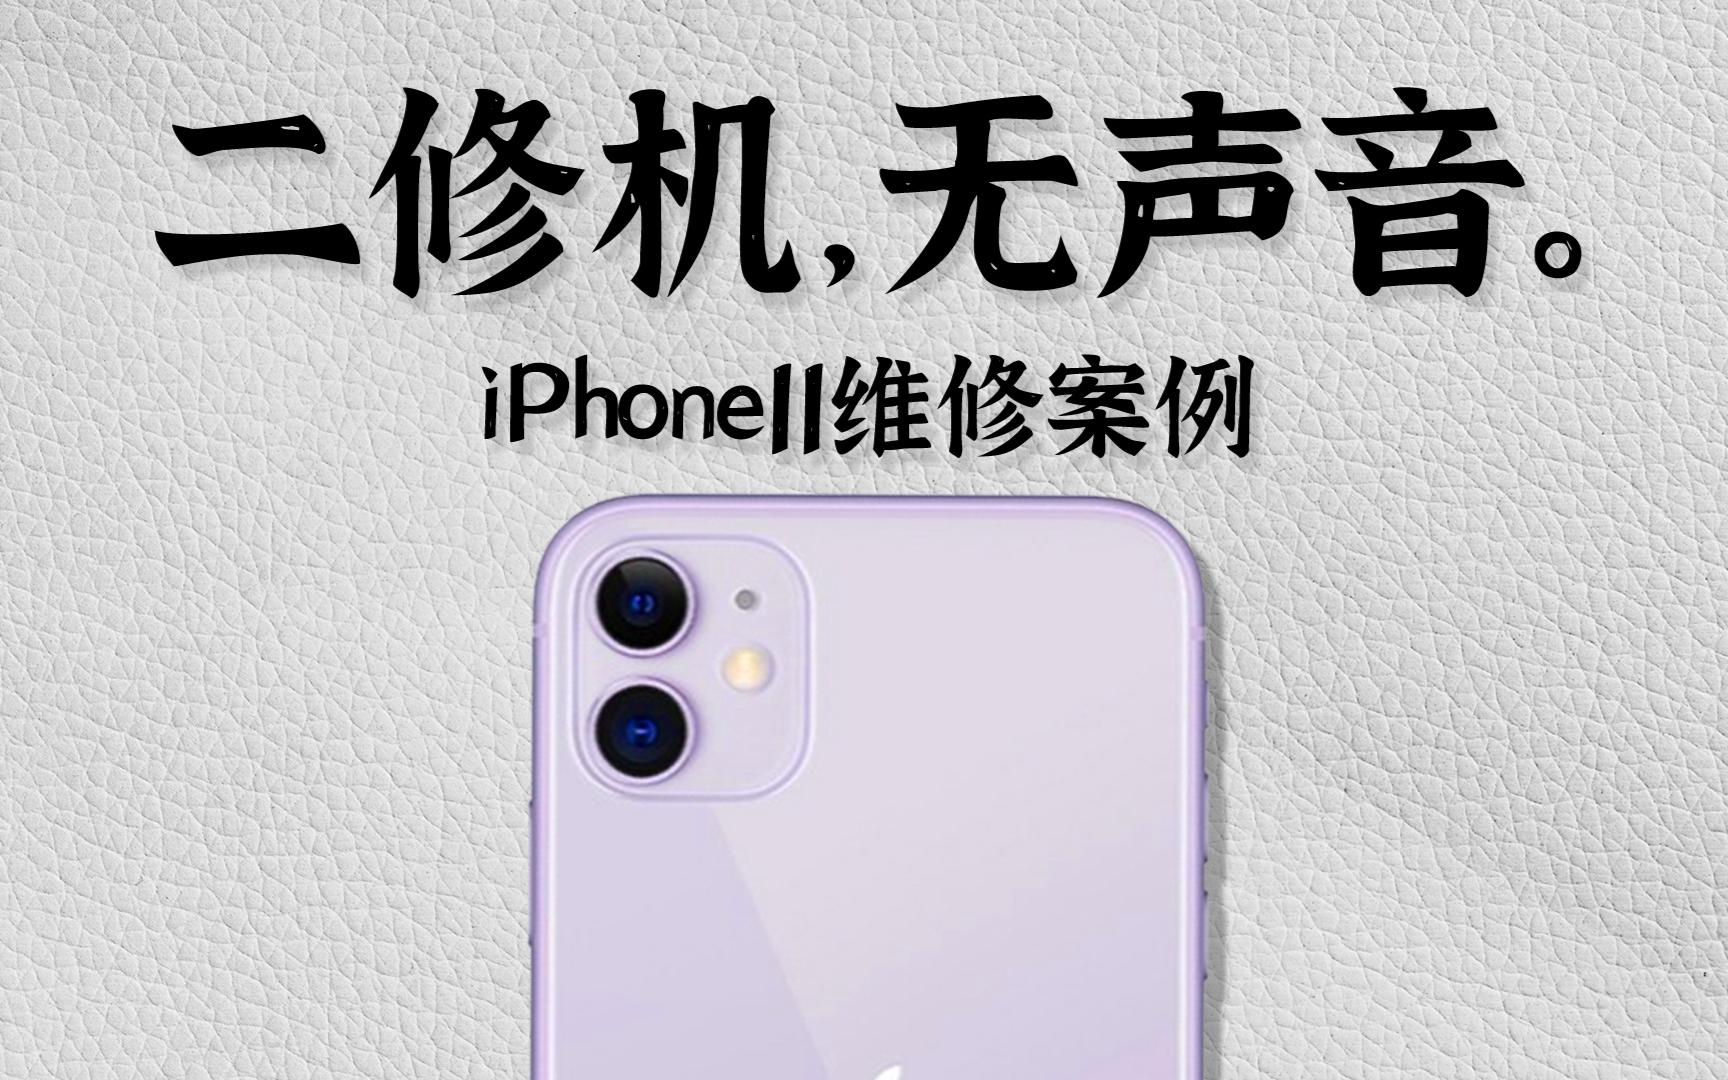 """【蒋·维修】""""哑""""了又卡了?锦鲤附体轻松搞定-iPhone11无声音维修案例"""